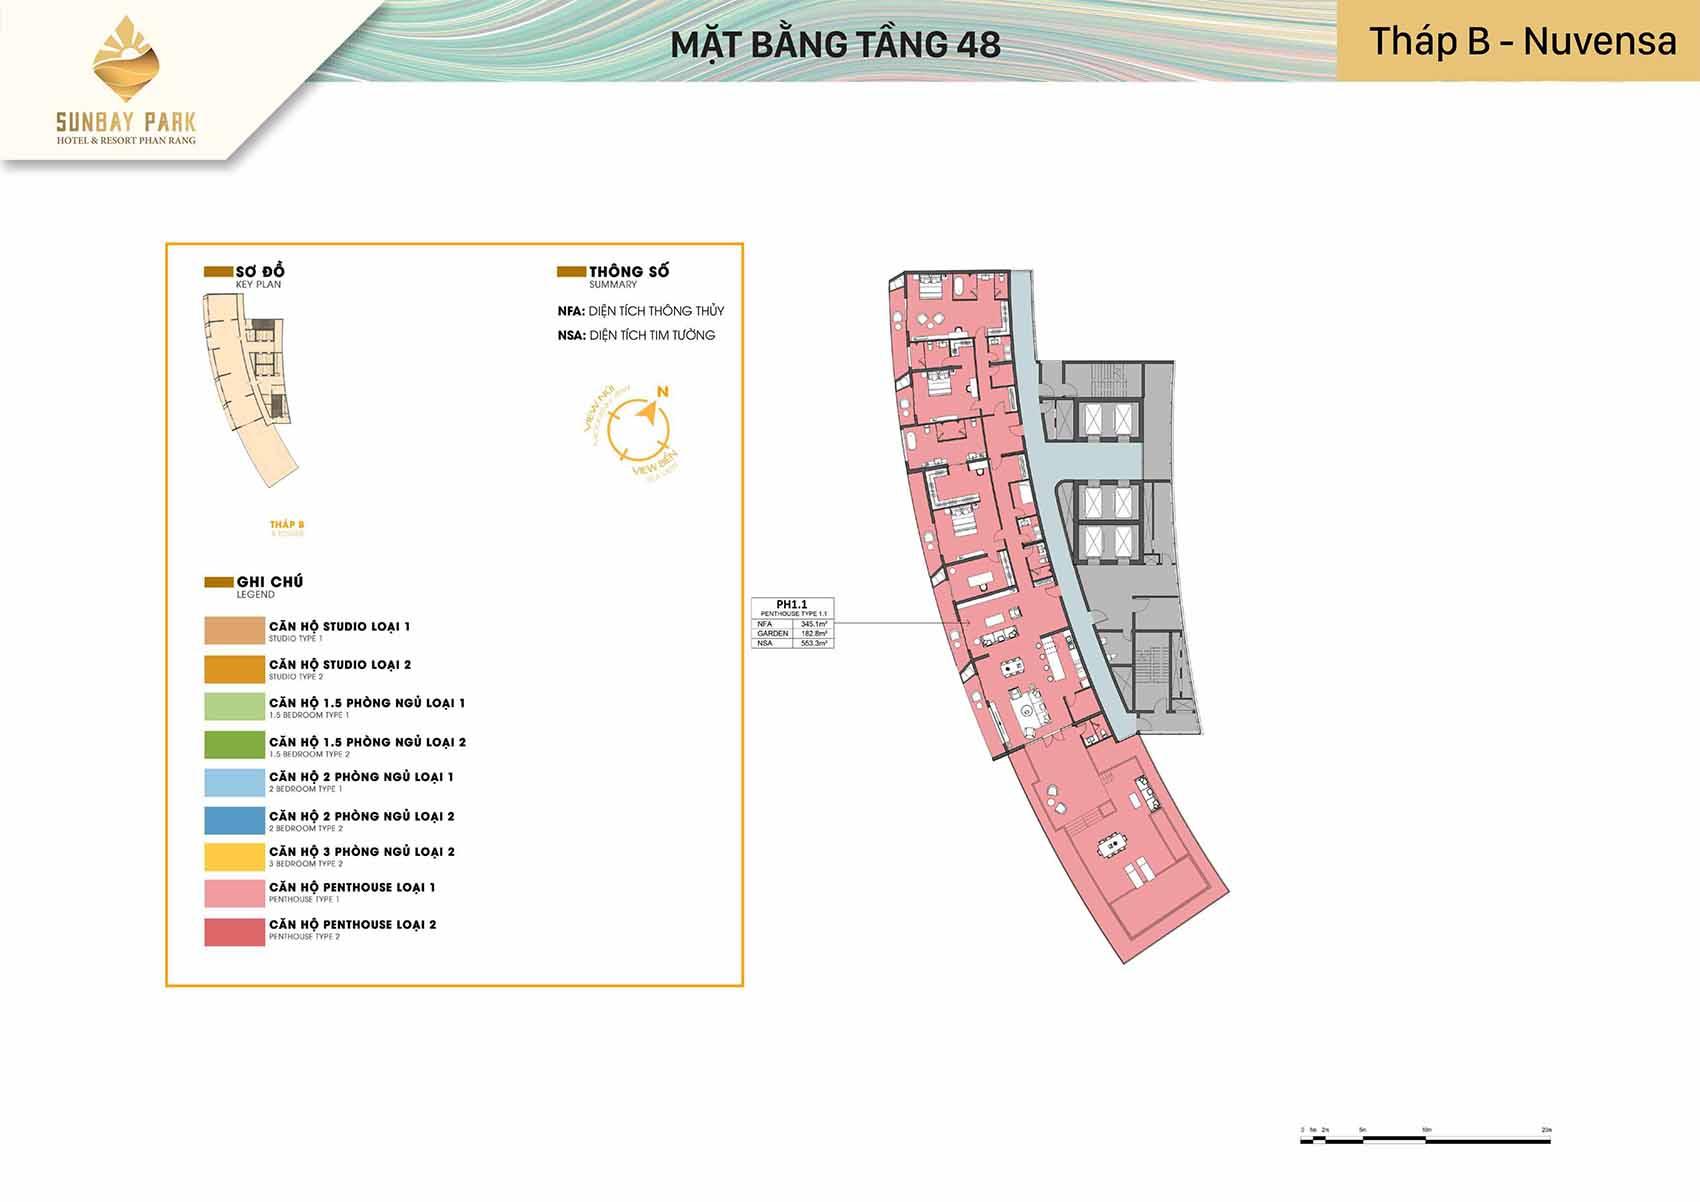 Mặt bằng thiết kế tòa B Nuvensa tầng 48 dự án Sunbay Park Phan Rang Ninh Thuận